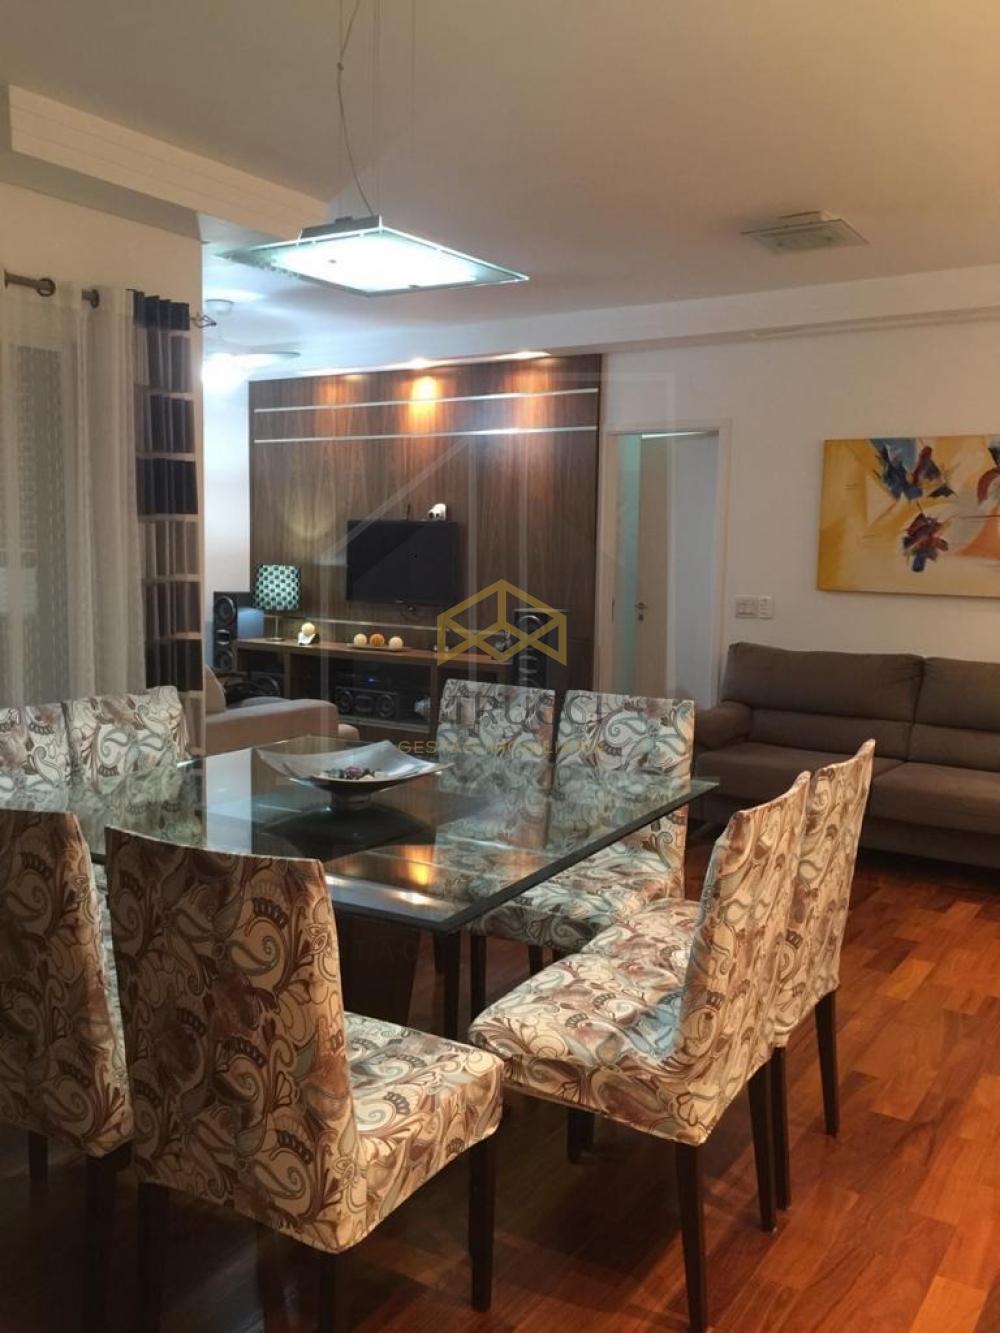 Campinas Apartamento Venda R$800.000,00 Condominio R$800,00 3 Dormitorios 3 Suites Area construida 118.00m2